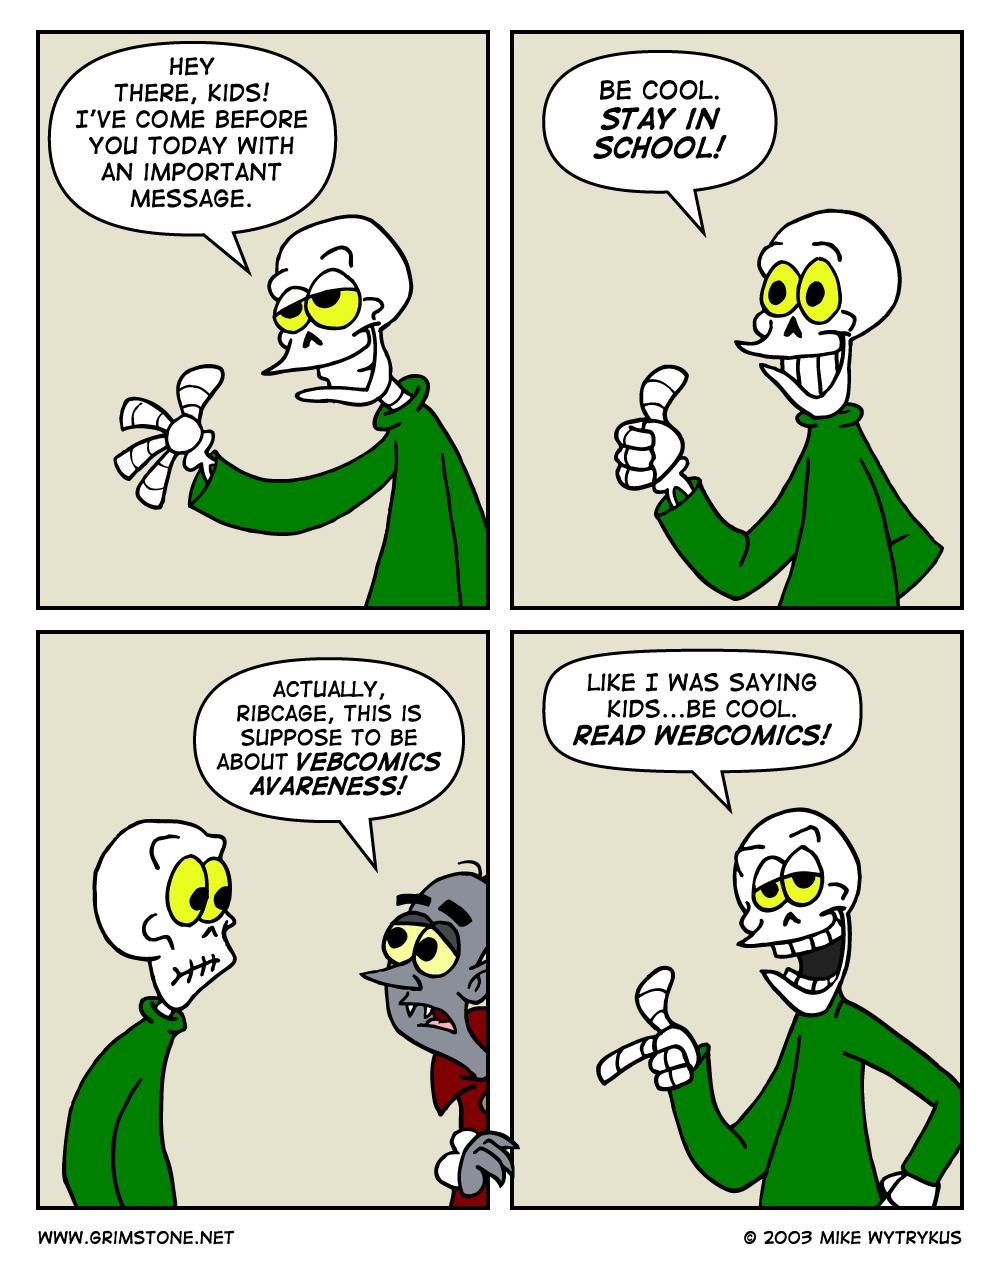 Webcomics Awareness